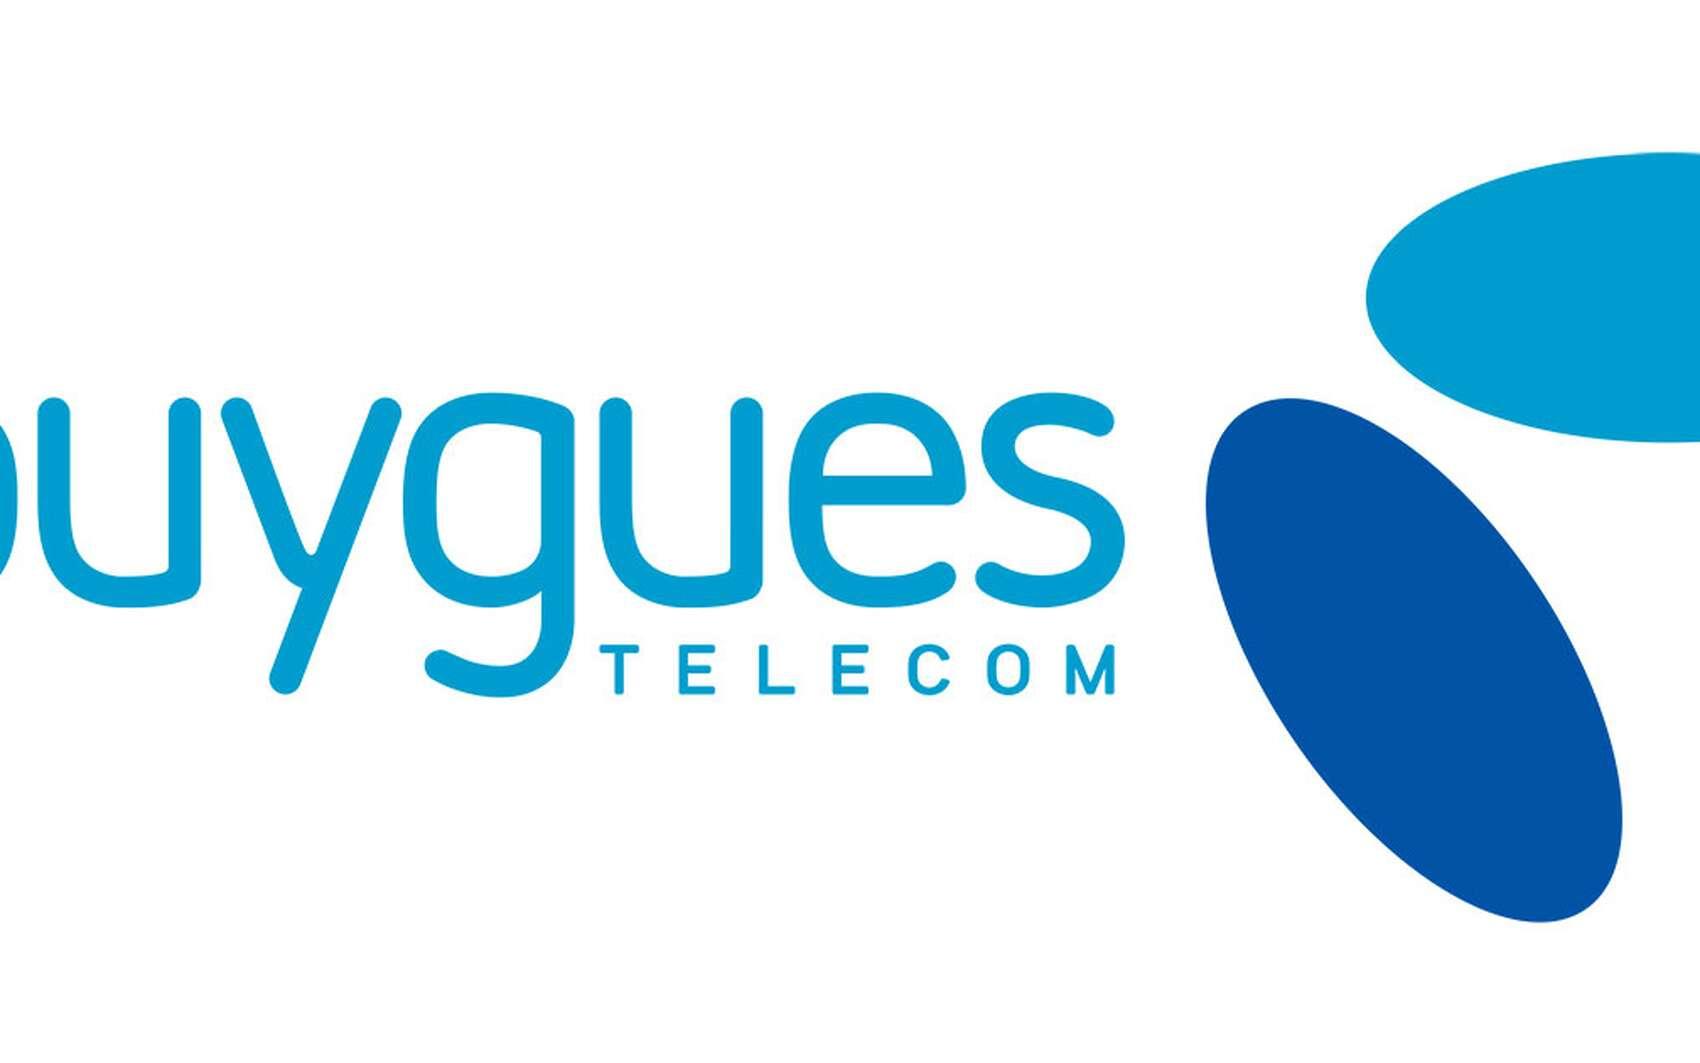 Si l'opération se finalise, Bouygues Télécom pourra enfin se mettre au même niveau que son grand rival Free Mobile en termes de nombre d'abonnés.